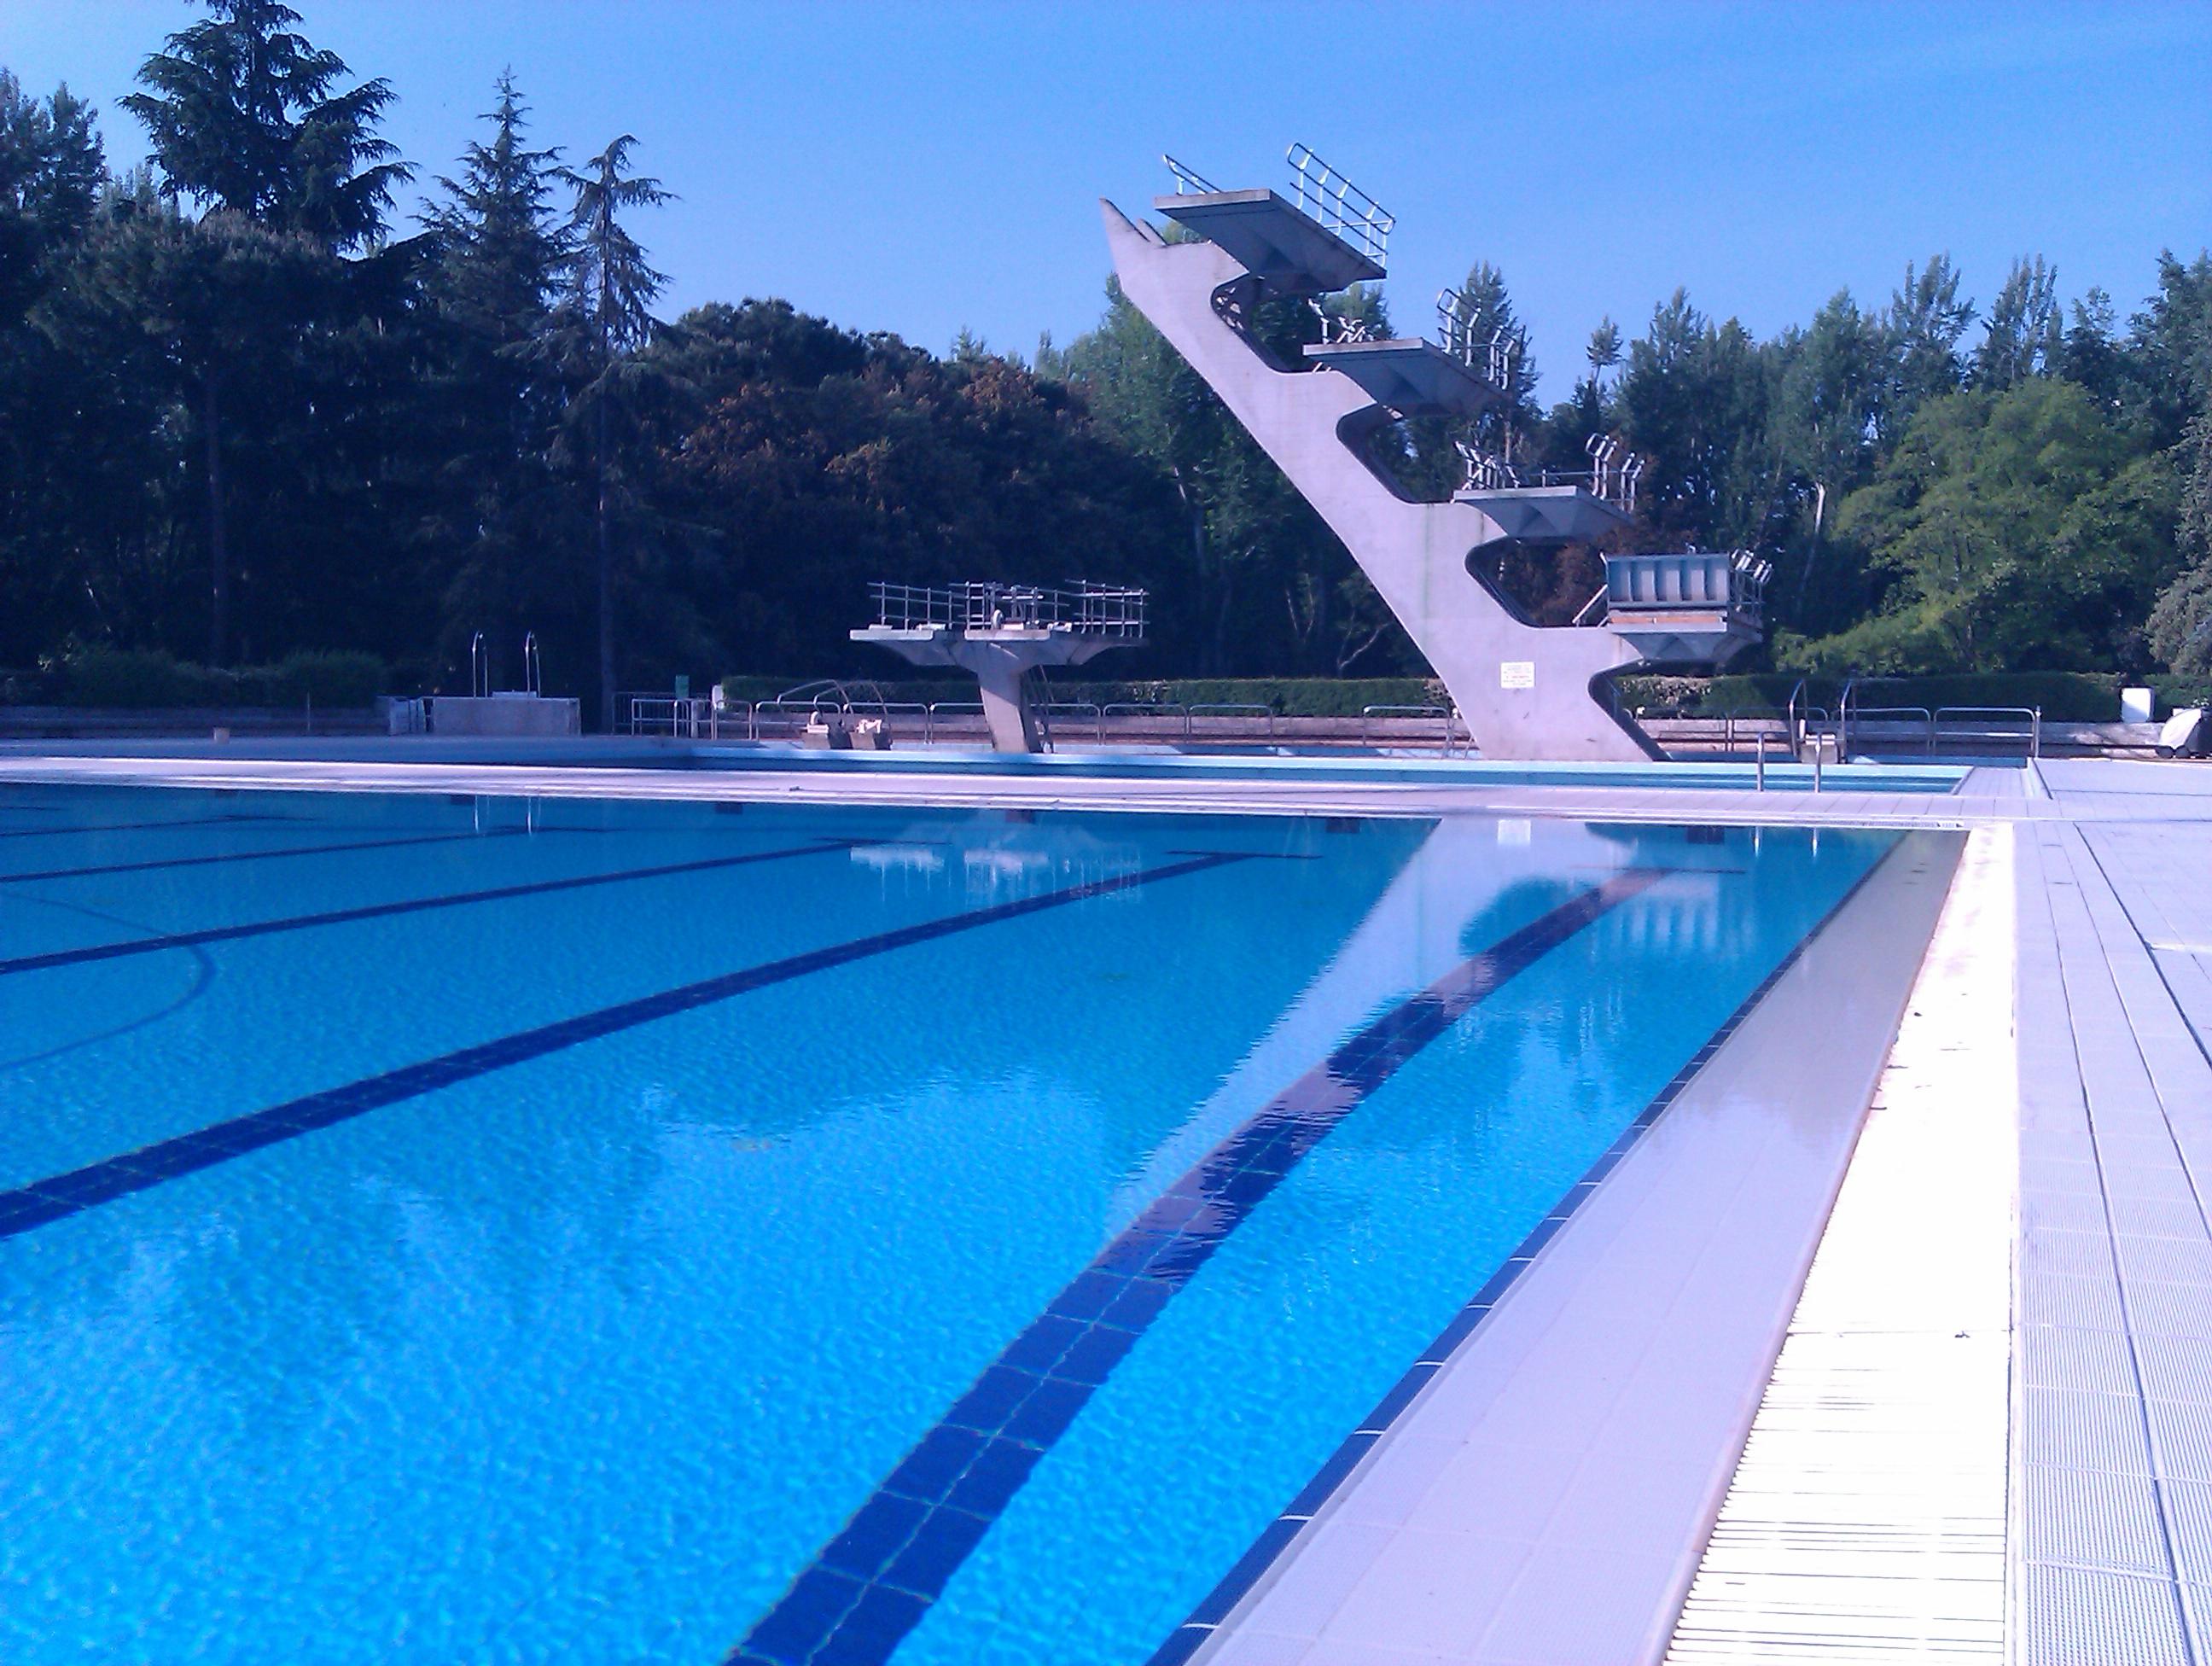 Piscina A Torre Del Greco piscina comunale paolo costoli - wikipedia